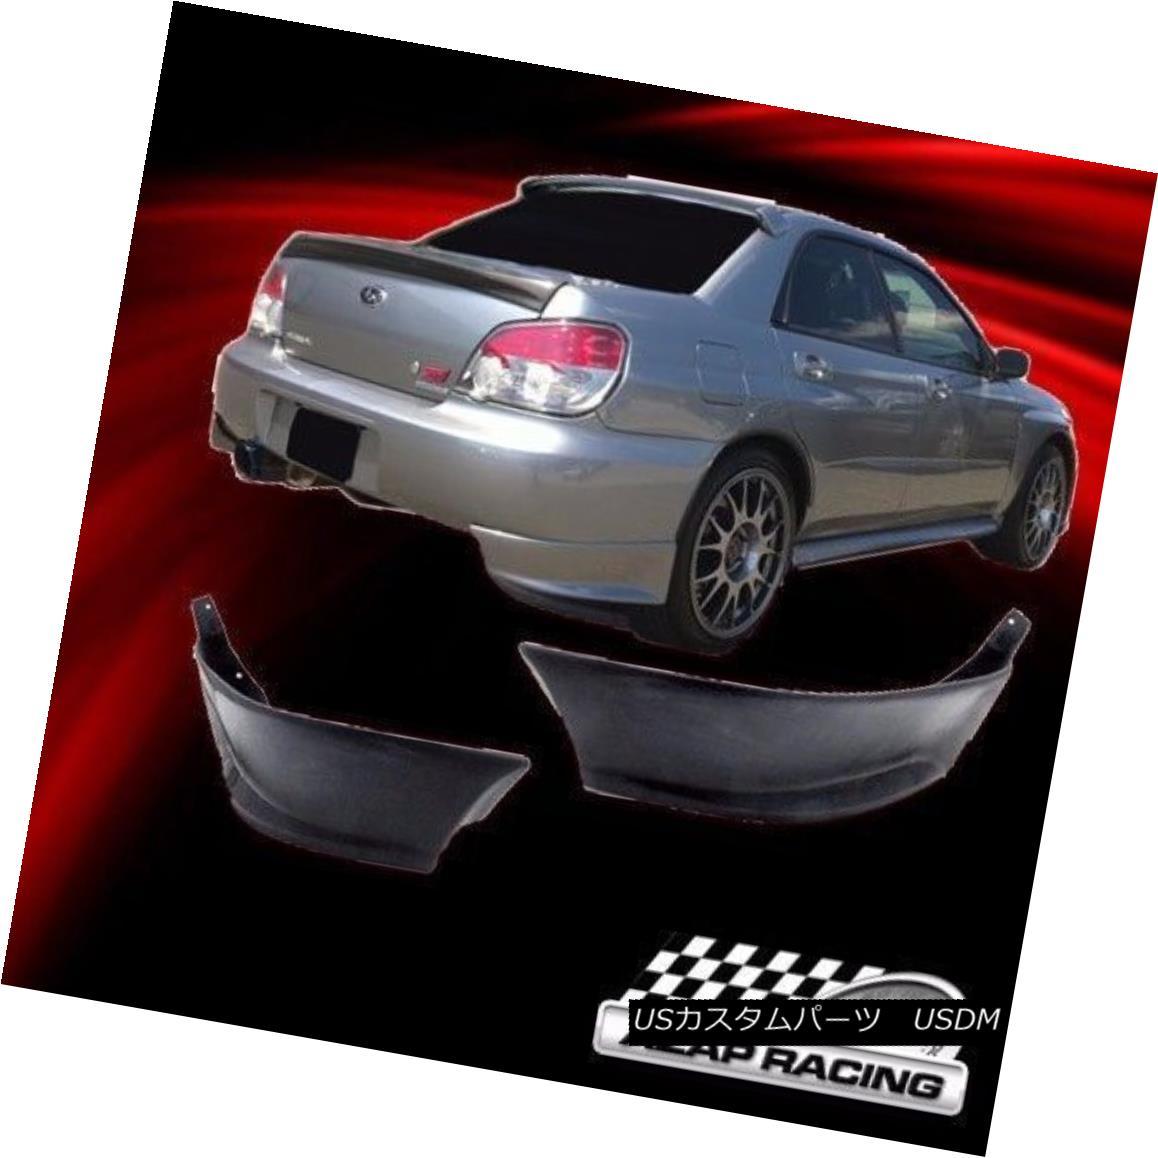 エアロパーツ 2002-2007 Urethane Rear Bumper Lip Spoiler Splitter 2Pcs Fits Subaru Impreza Wrx 2002-2007ウレタンリヤバンパーリップスポイラースプリッター2個入りSubaru Impreza Wrx